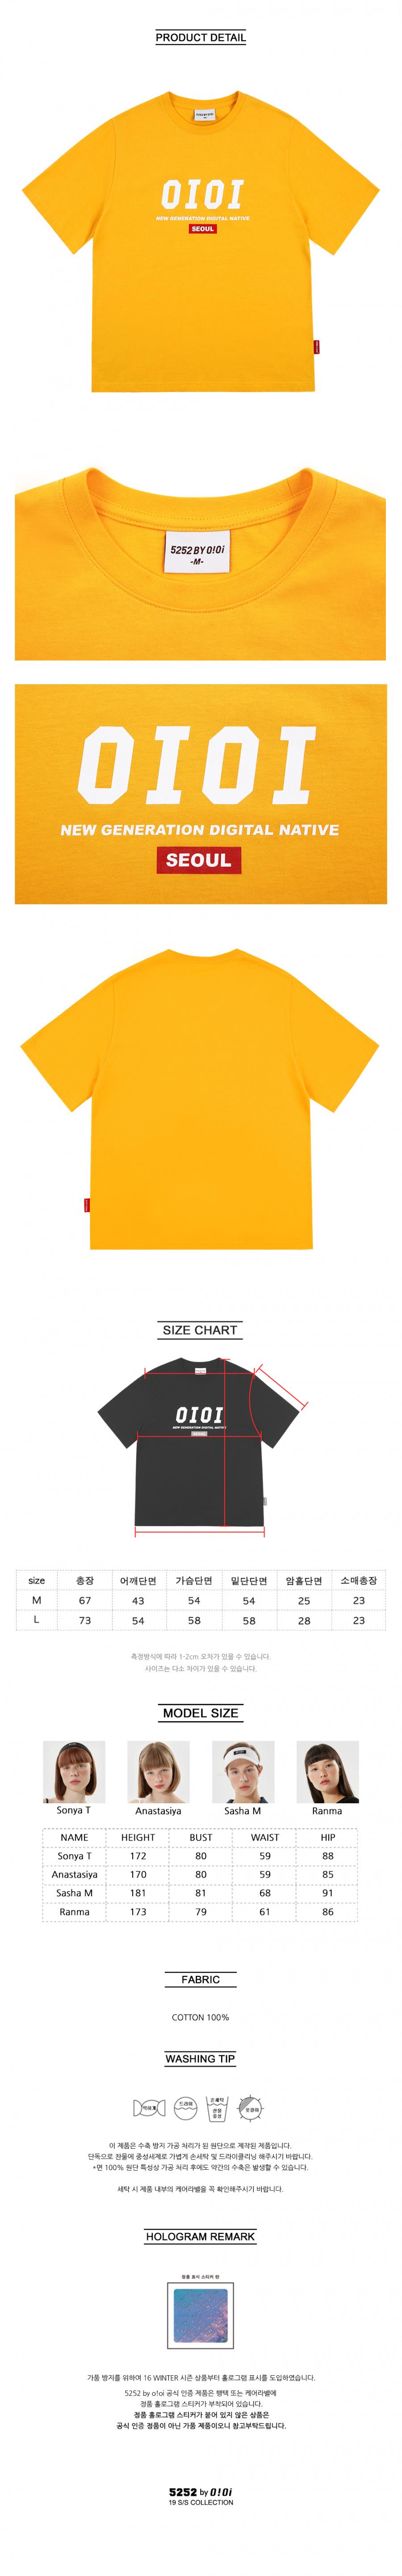 5252 바이 오아이오아이(5252BYOIOI) 2019 SIGNATURE T-SHIRTS_yellow